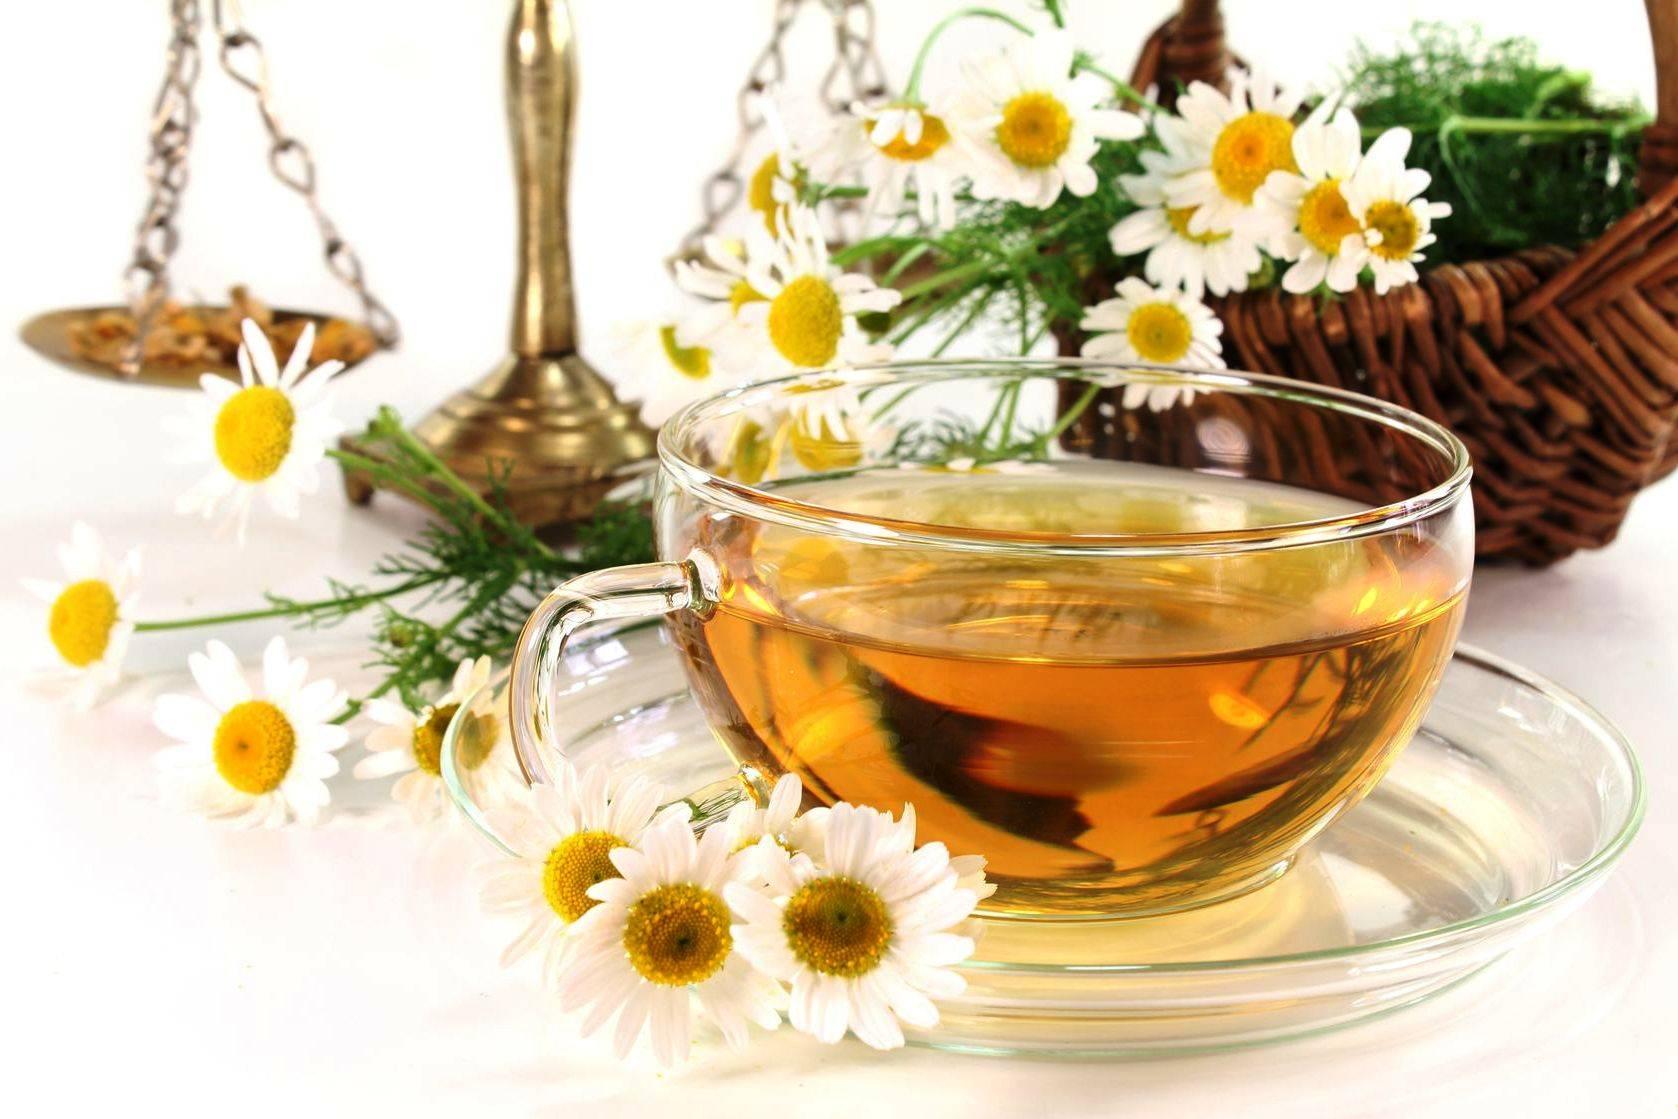 Чай с ромашкой: 12 полезных свойств, противопоказания и применение